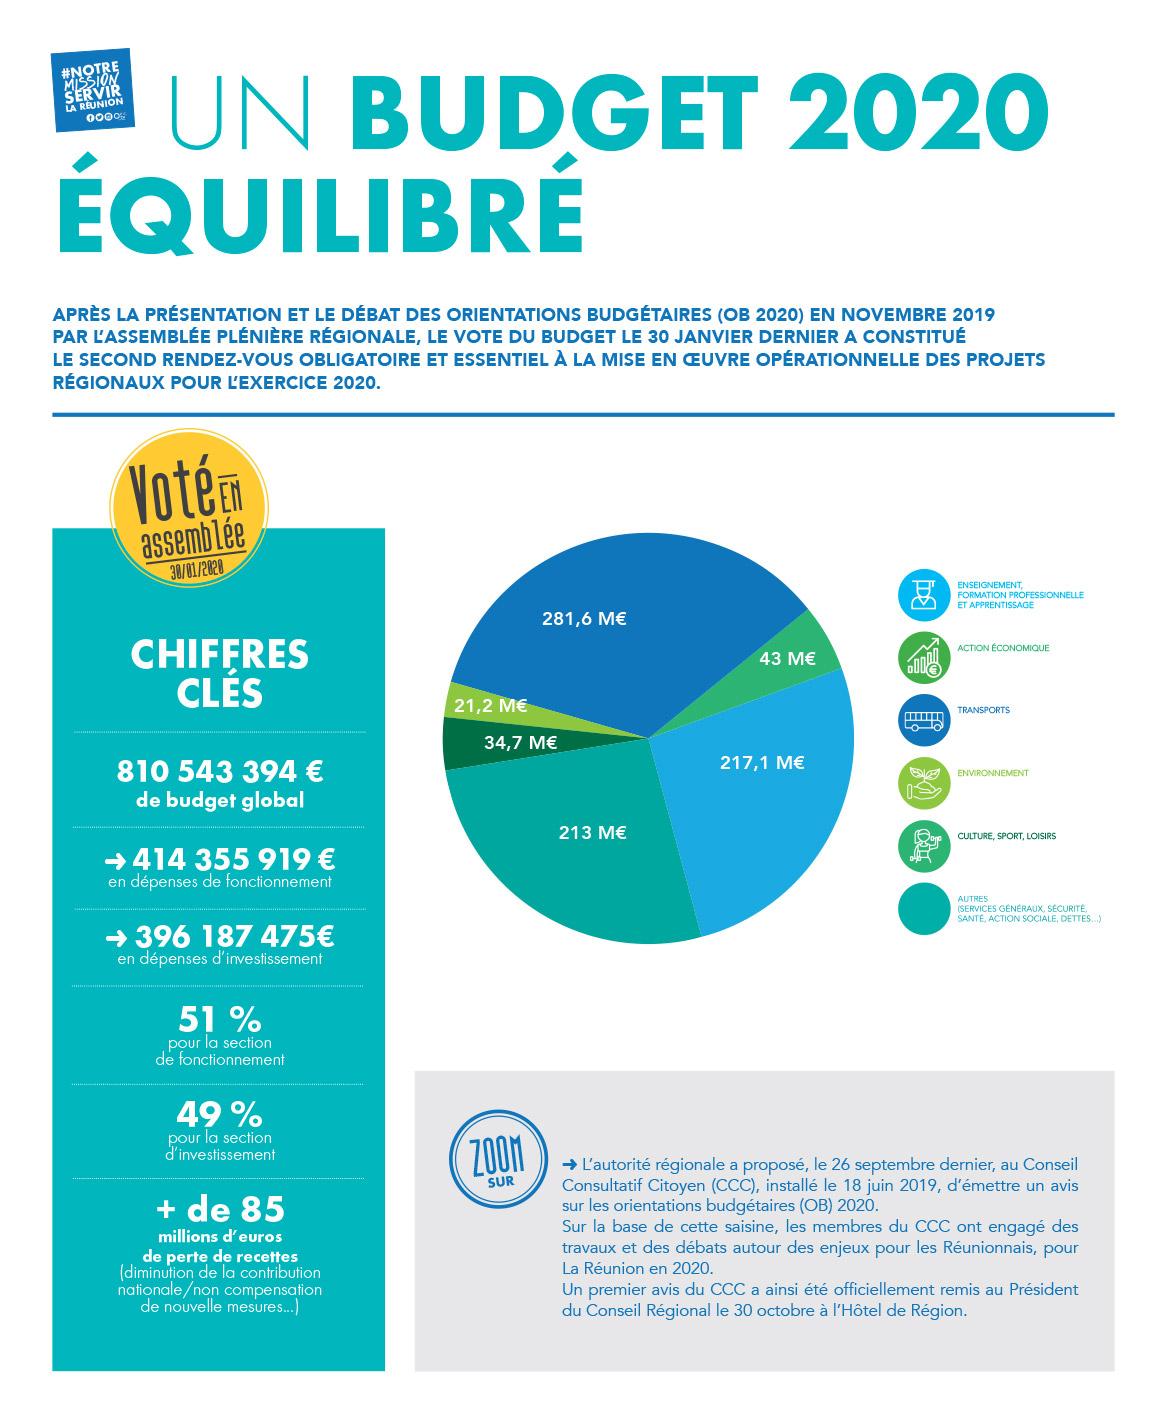 Budget 2020 : 13 mesures votées, un budget équilibré